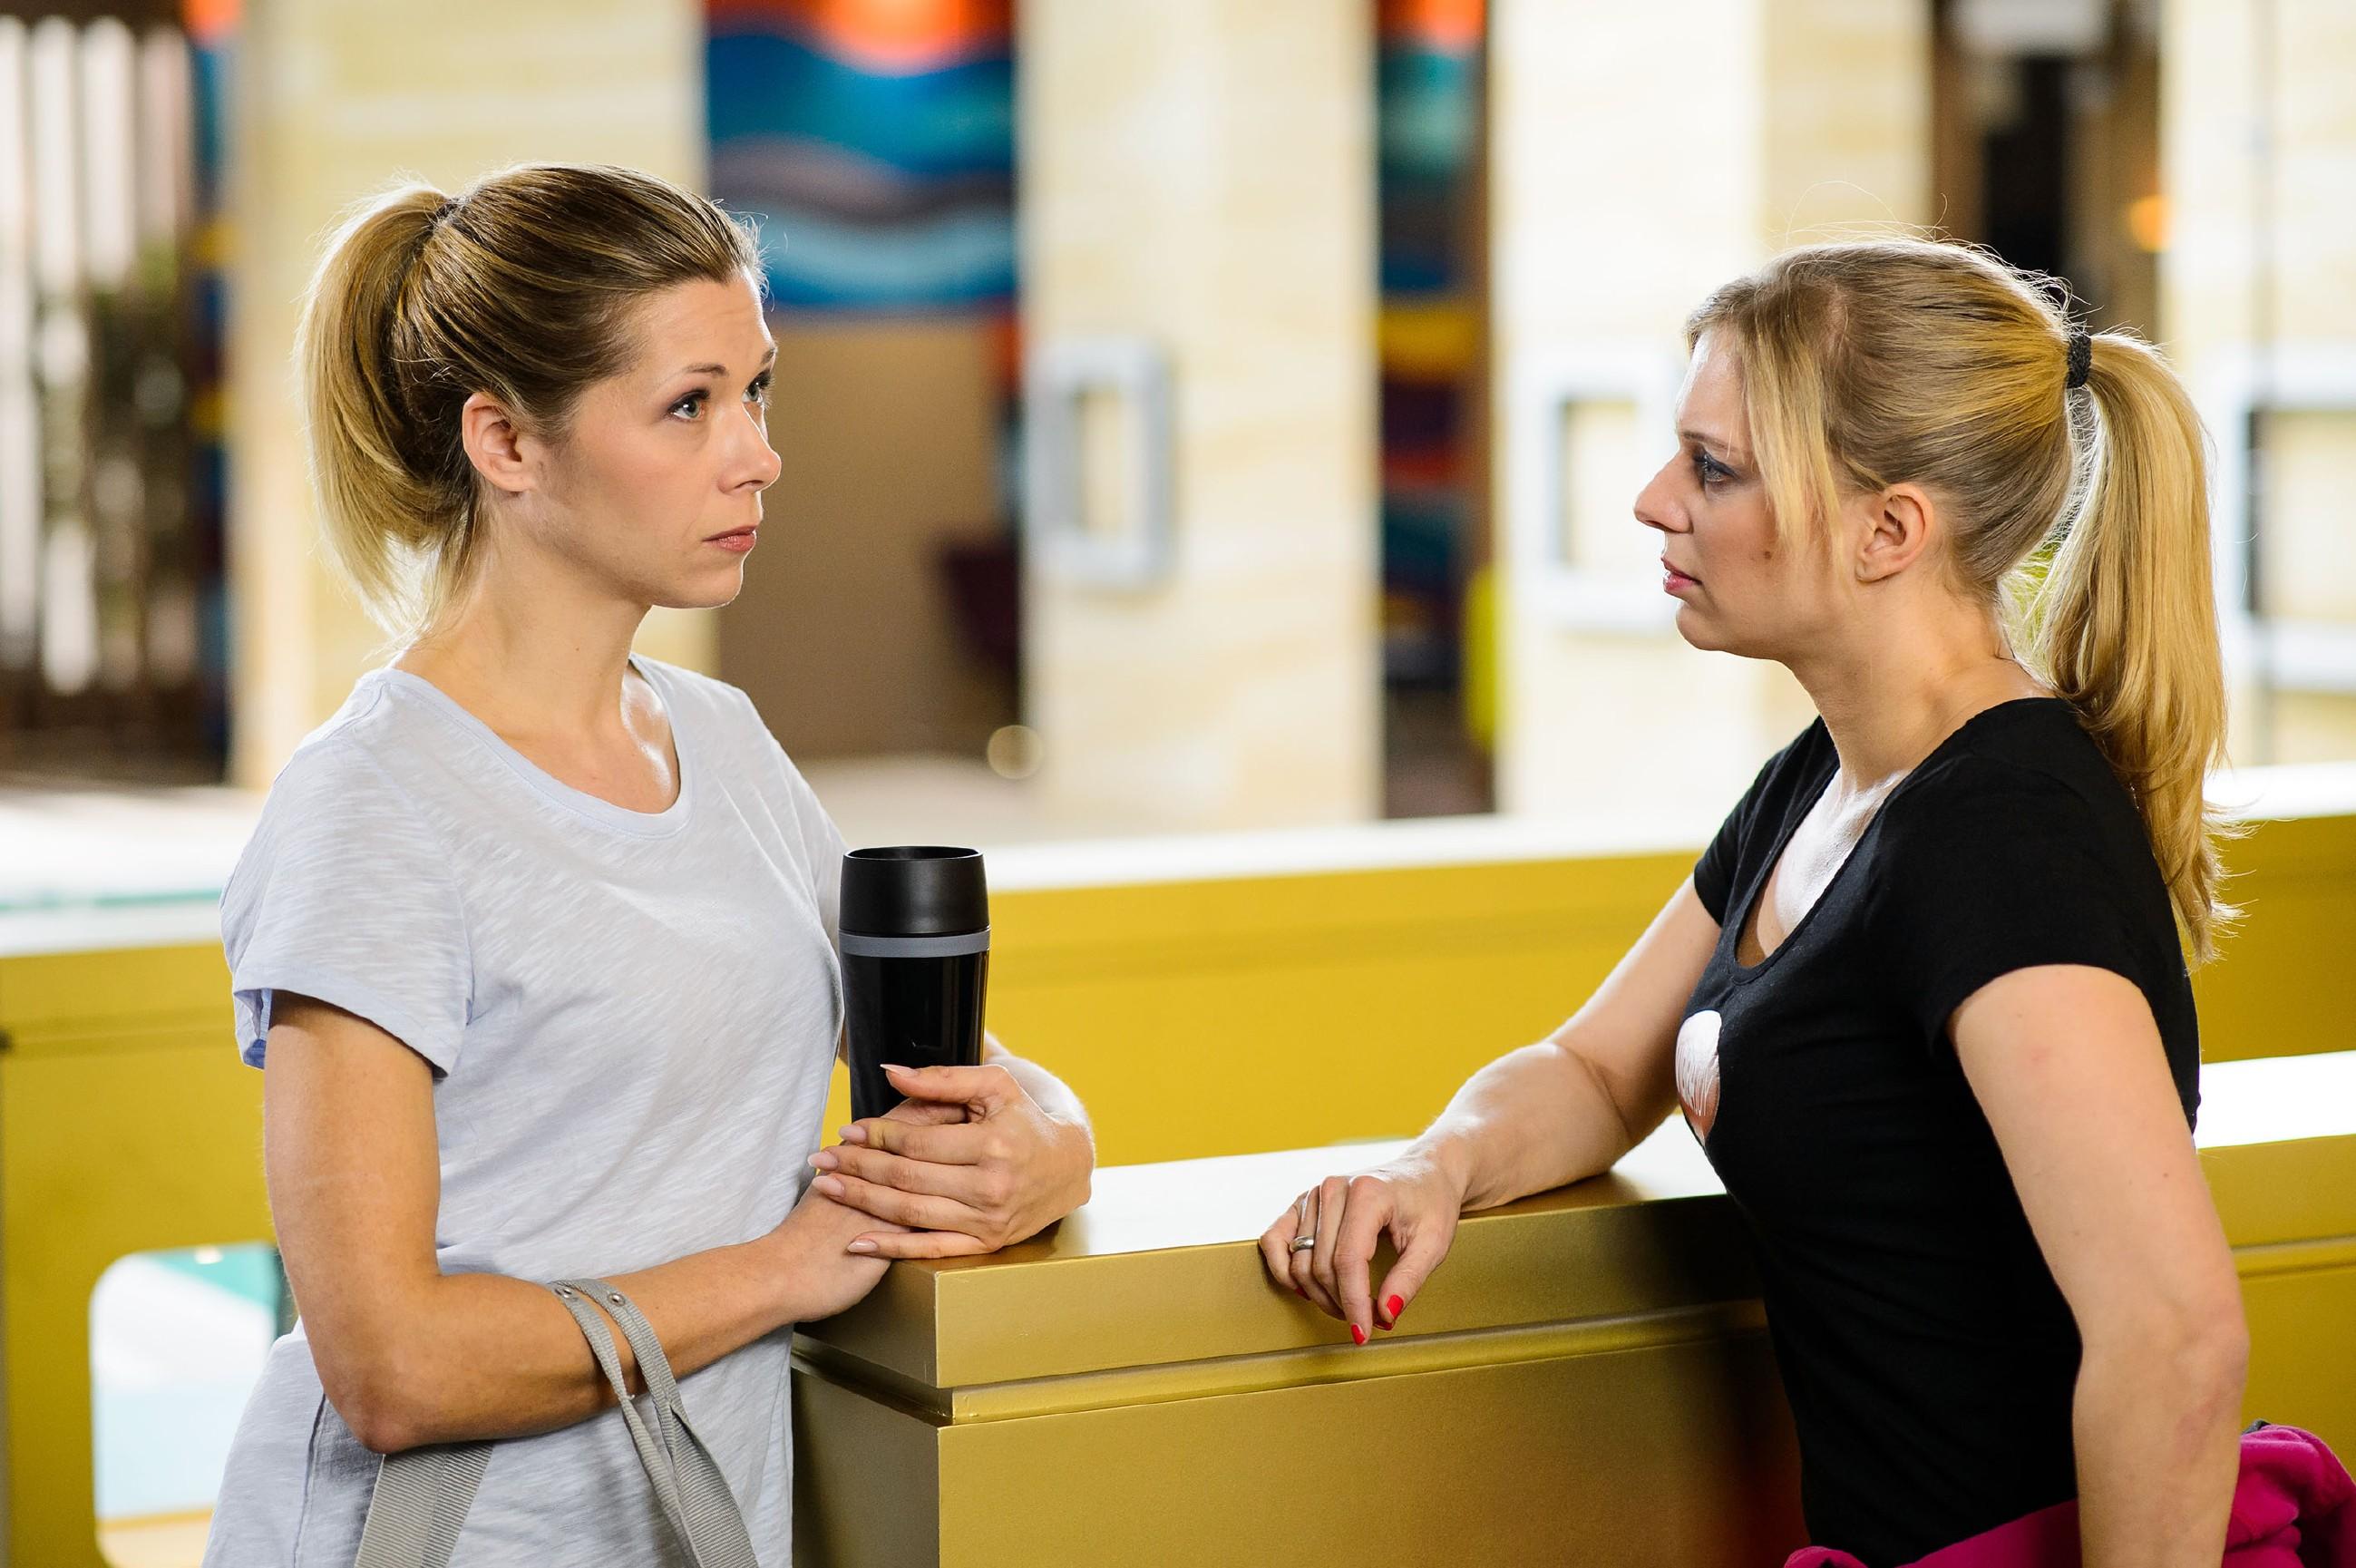 Lena (Juliette Greco, r.) gegenüber gibt Diana (Tanja Szewczenko) zwar zu, dass Ingo und sie sich geküsst haben, dass der Kuss aber etwas in ihr ausgelöst hat, behält Diana erst mal für sich. (Quelle: RTL / Willi Weber)